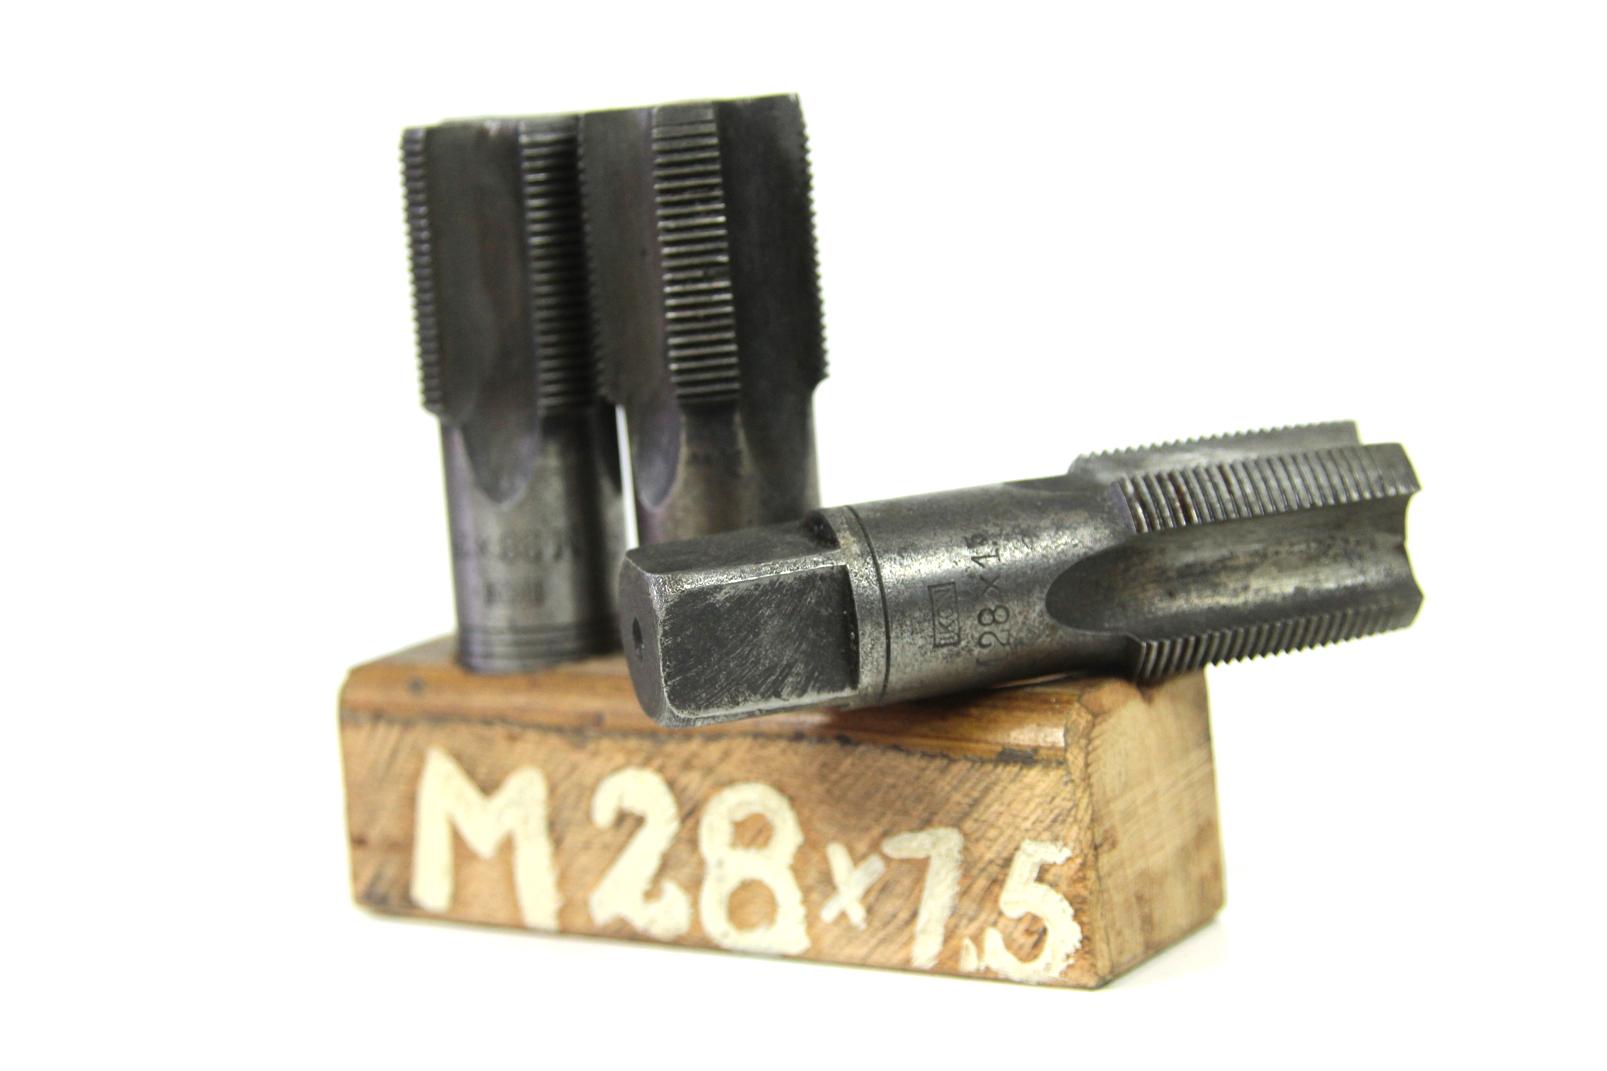 3 gewinde bohrer m28x1 5 mm original ddr ikon hss gewinde. Black Bedroom Furniture Sets. Home Design Ideas